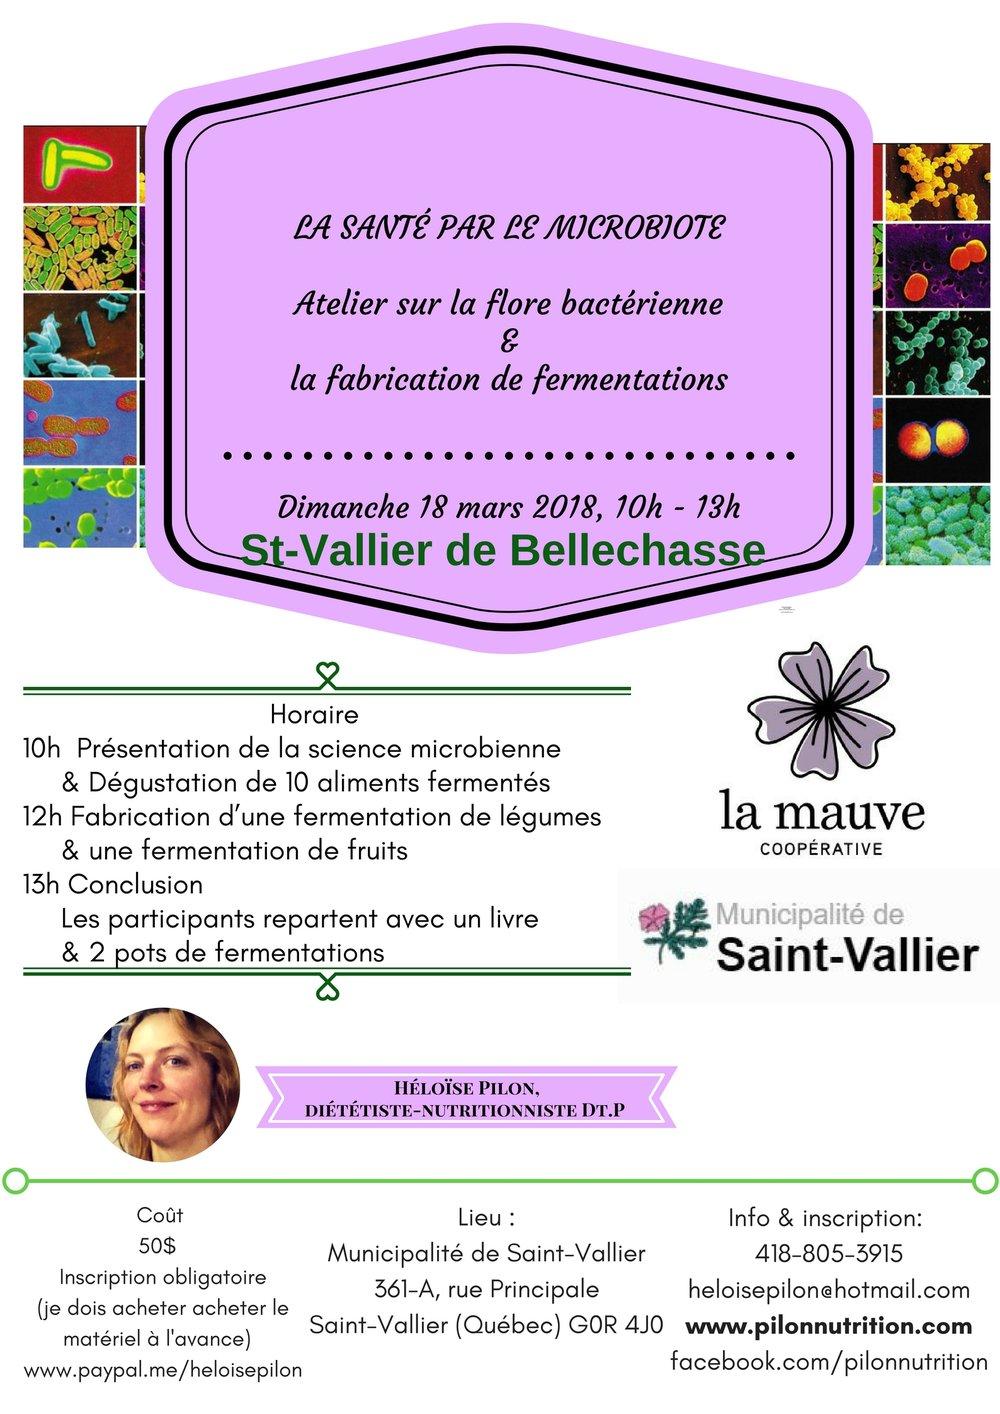 Dimanche 18 mars 2018, 10-13h, st vallier - Atelier sur la flore bacterienne et fabrication de fermentations.jpg